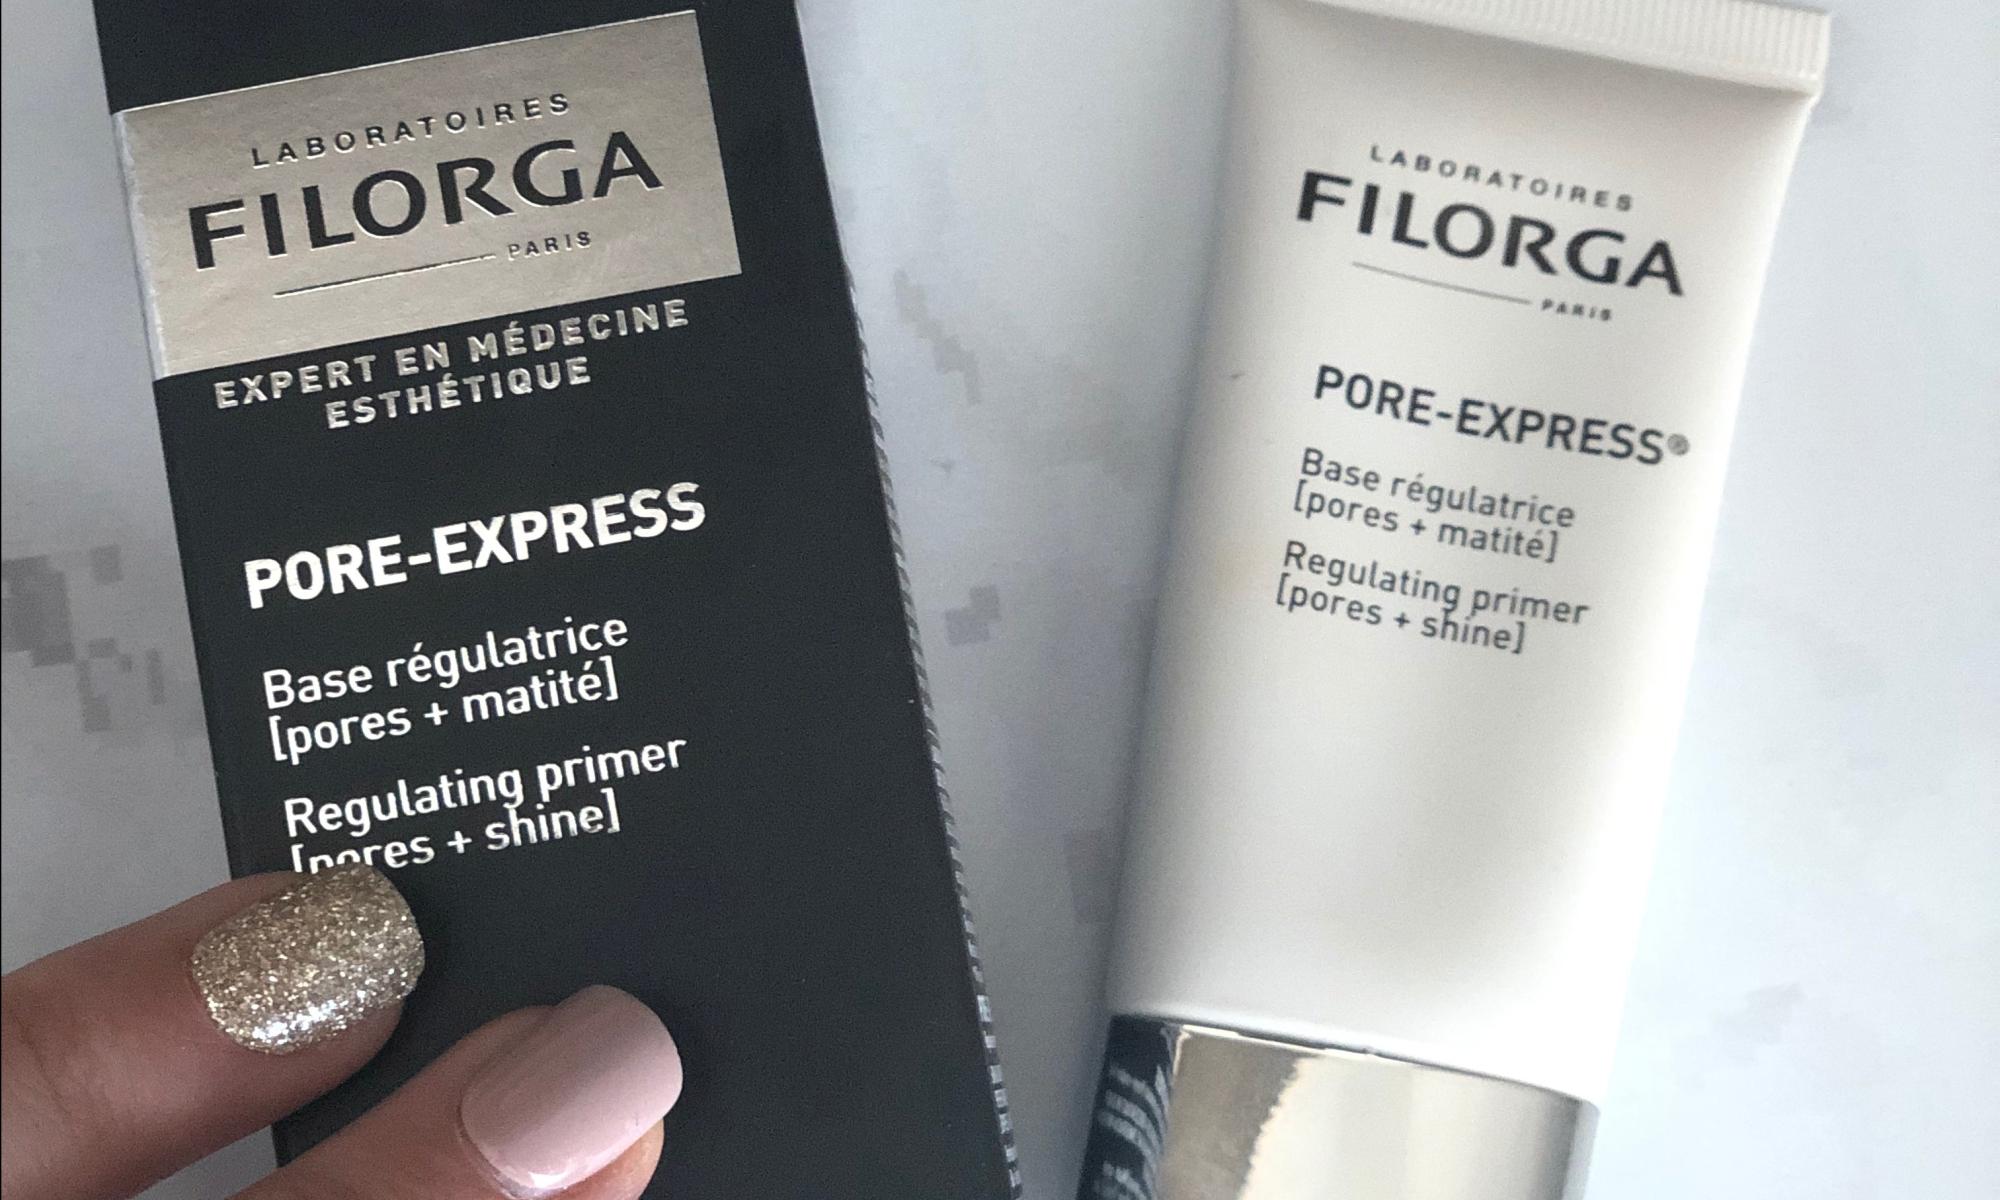 Filorga, pore express, base maquillage filorga,